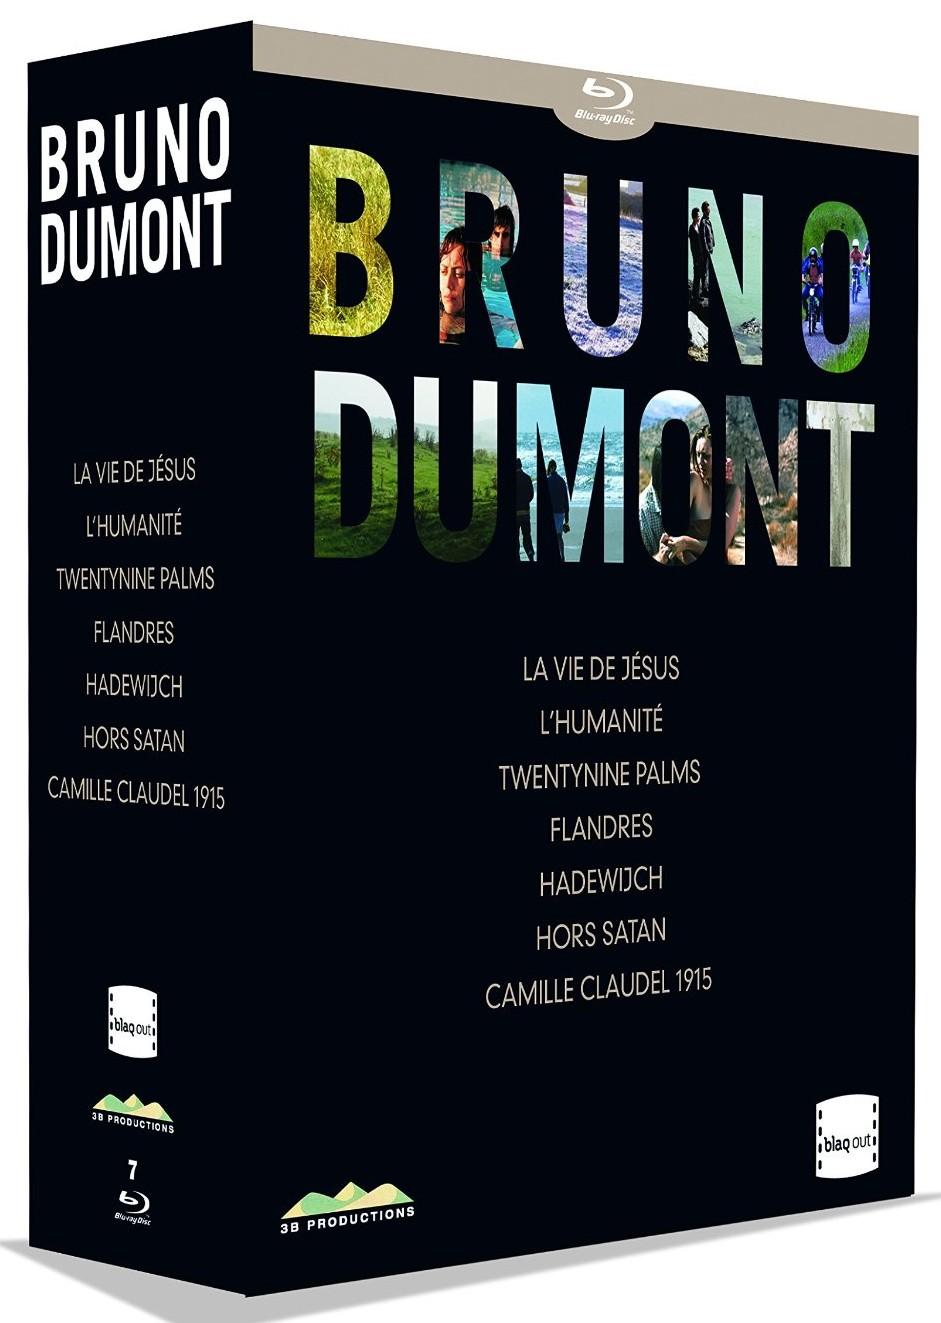 coffret-bruno-dumont-integrale-blaq-out